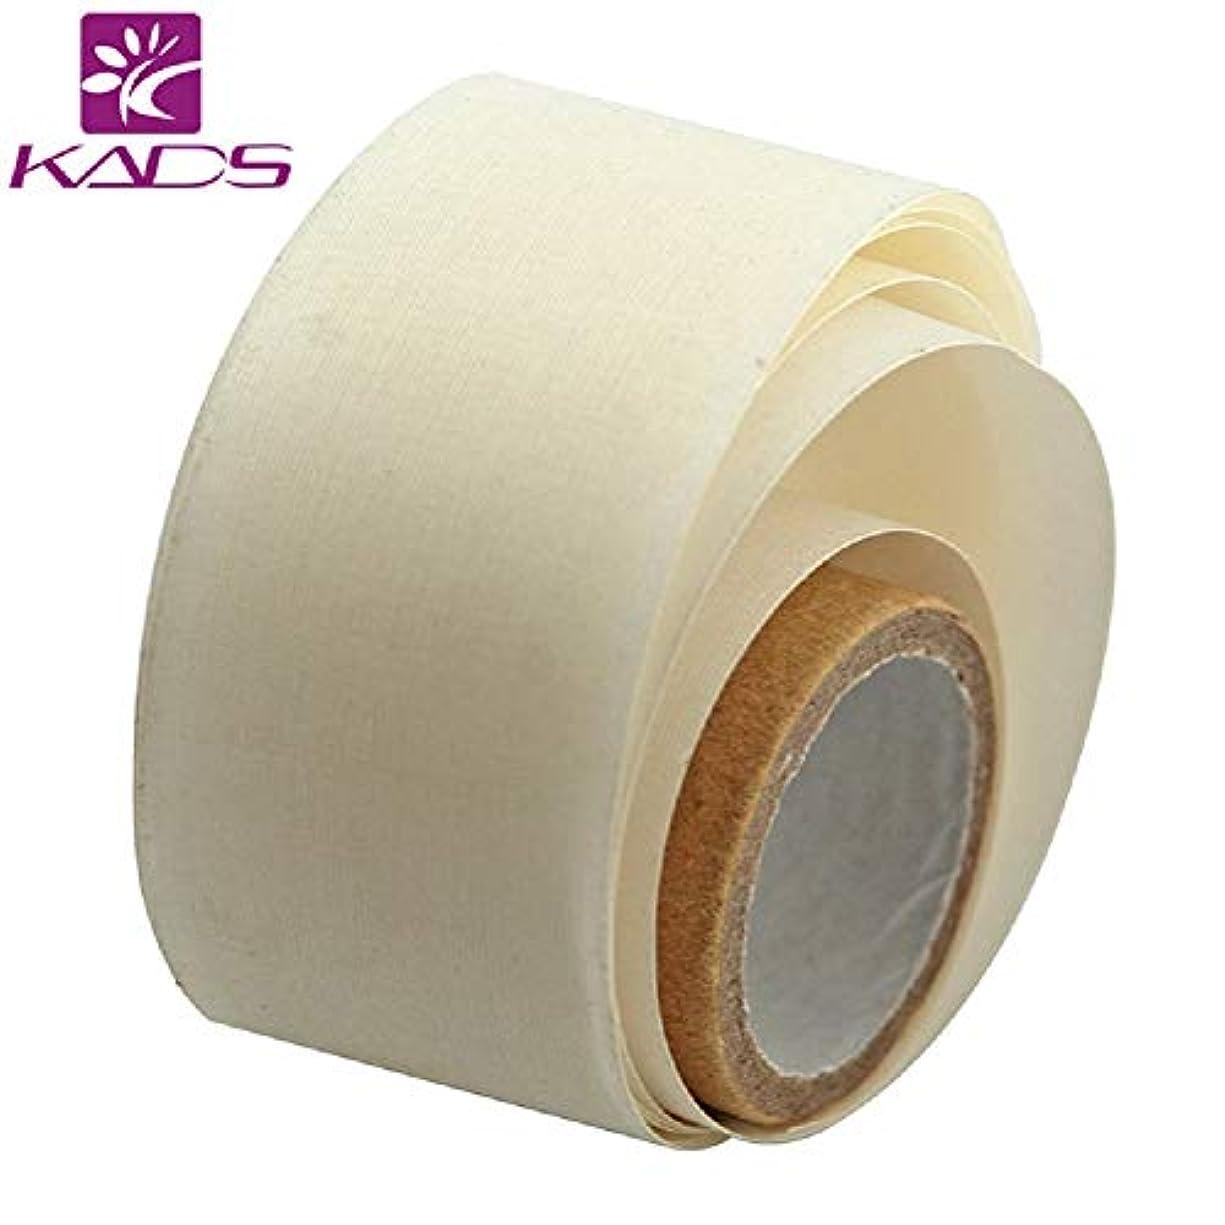 描く雰囲気損失KADS ネイルシルクテープ ネイルリペアテープペラ用 爪の補修 ジェルアクリルネイルアートツール(サイズ3)